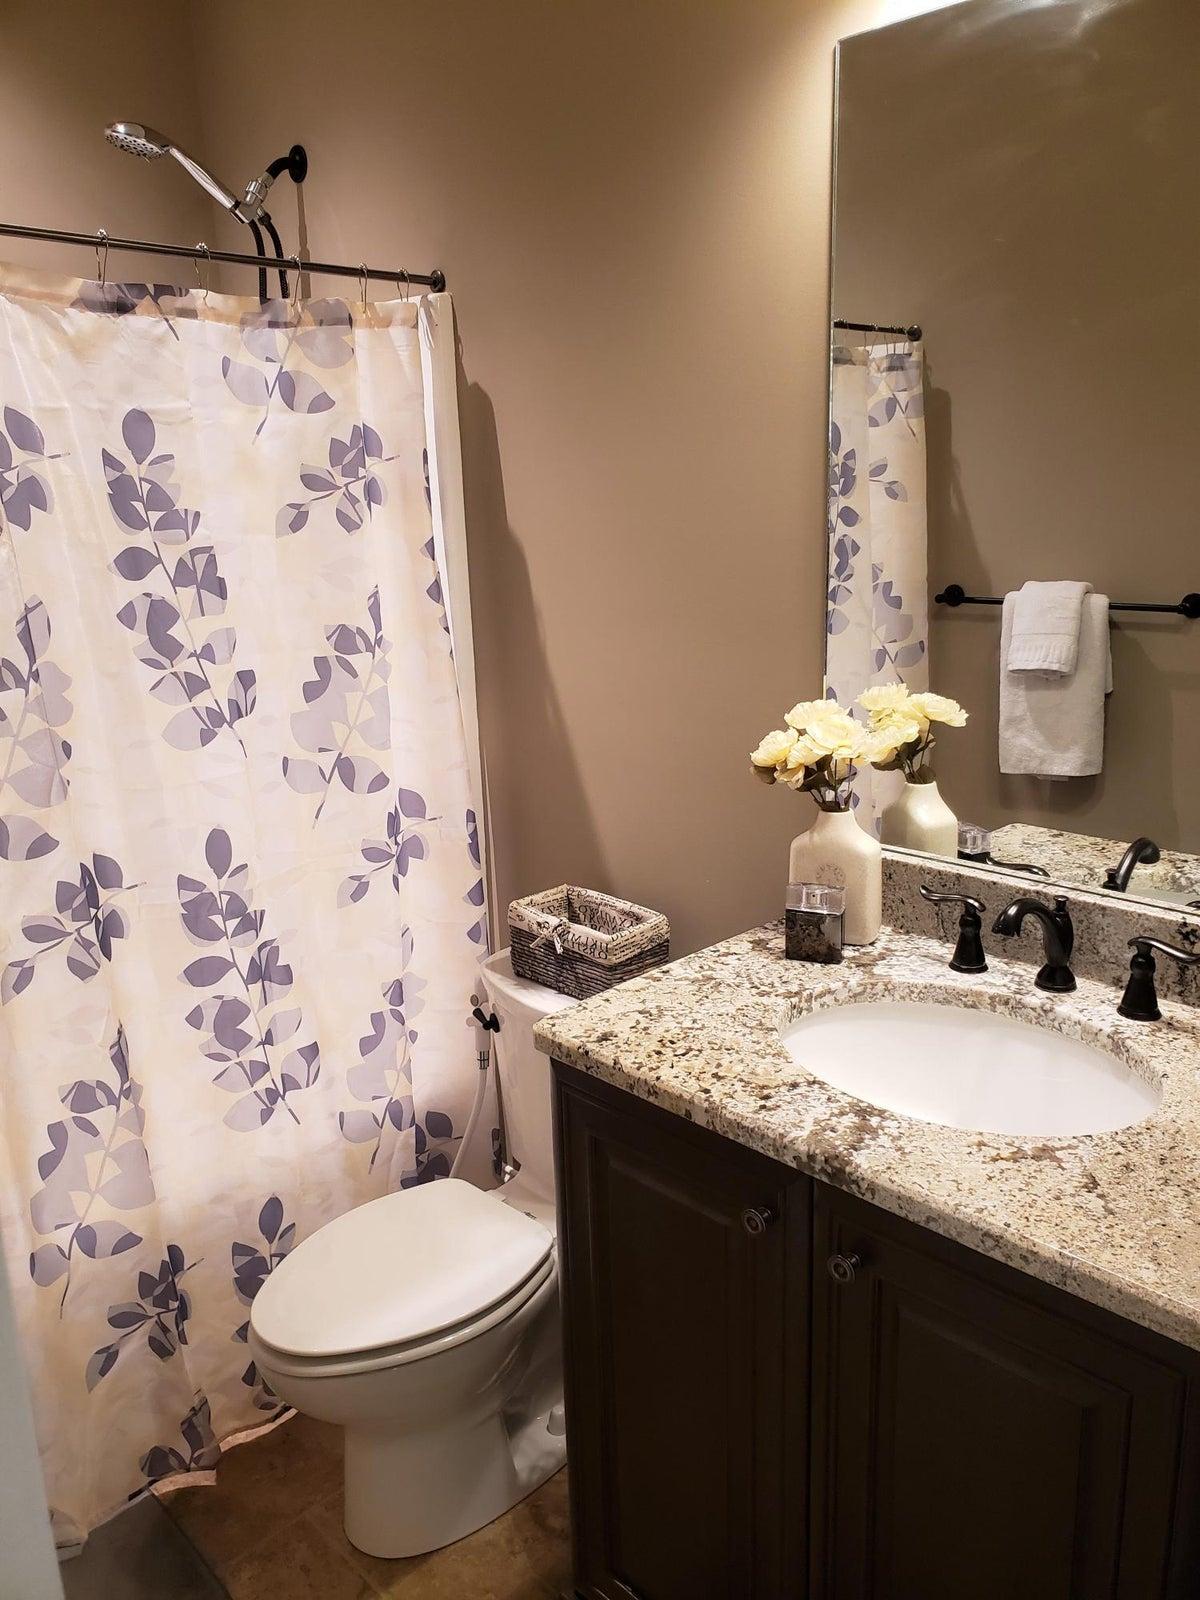 wendy siman - 12 bathroom 2